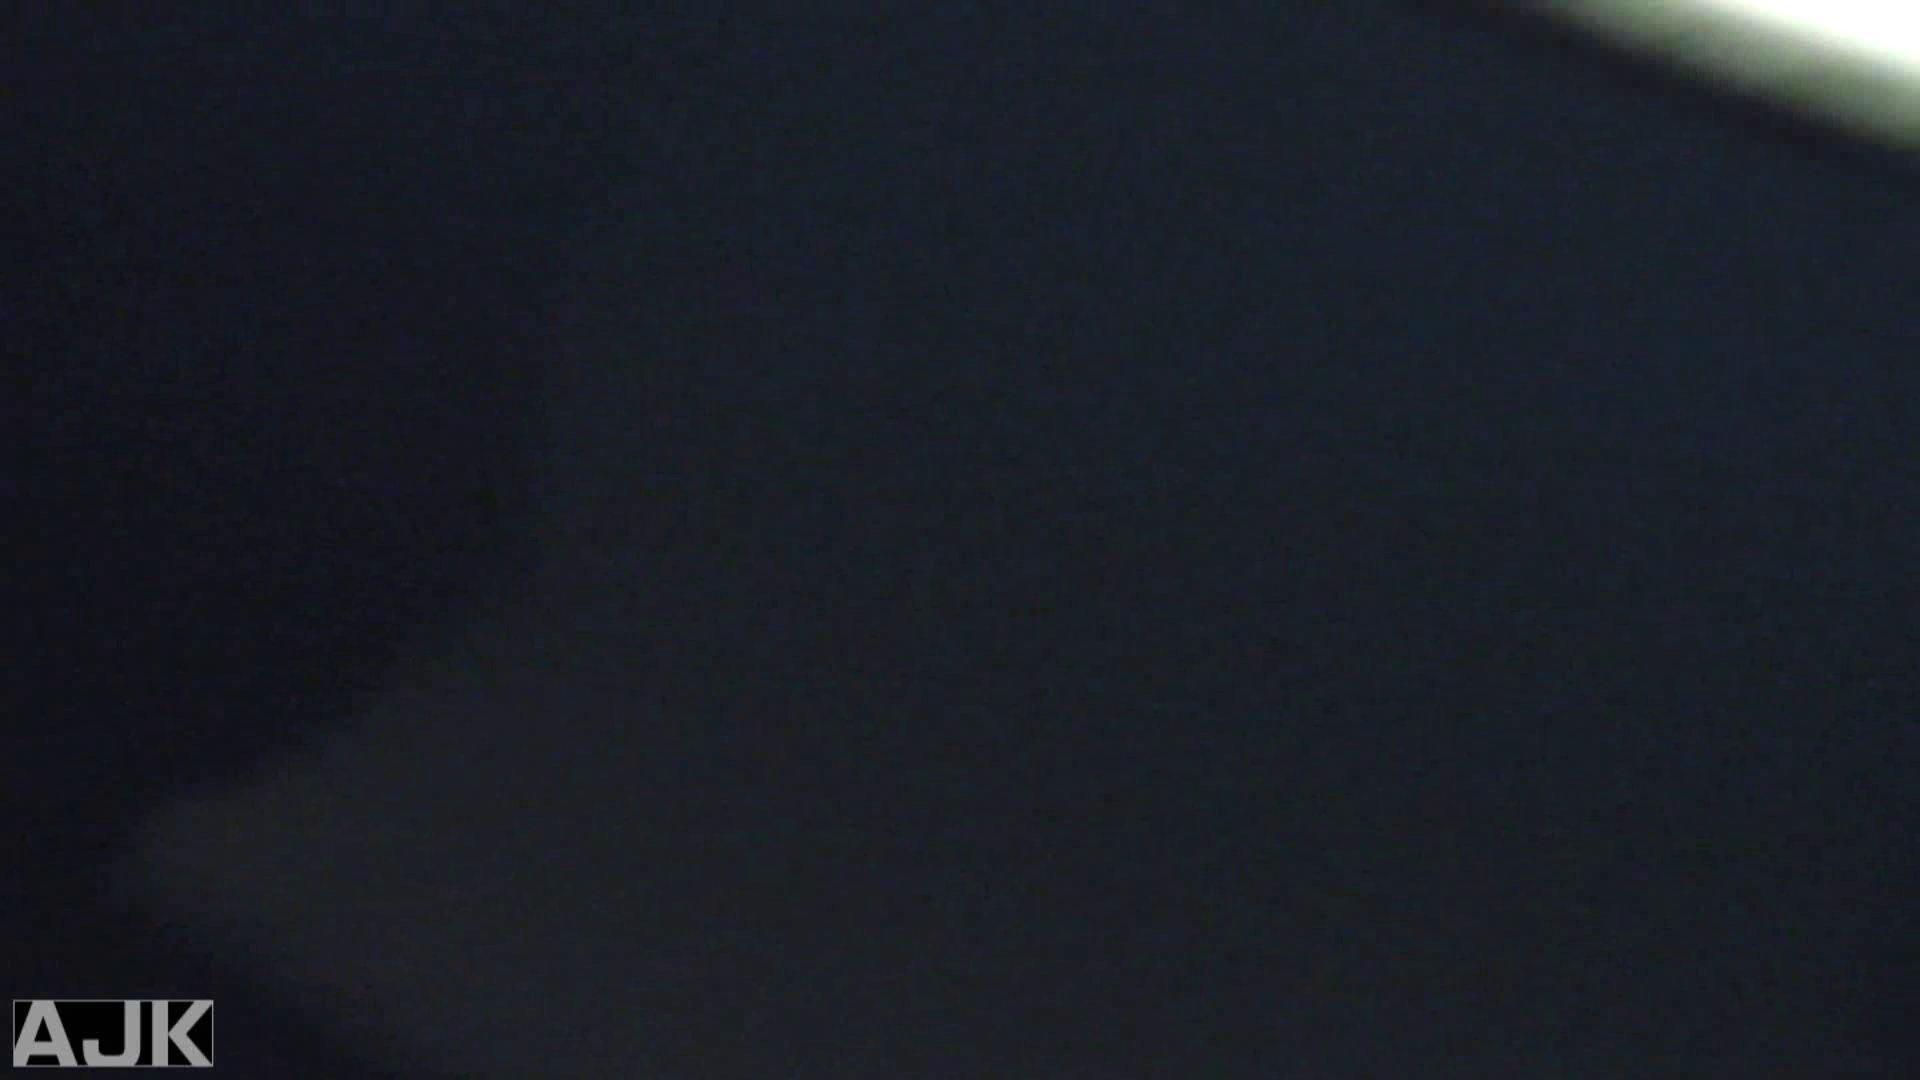 神降臨!史上最強の潜入かわや! vol.21 オマンコ | 盗撮  76pic 35